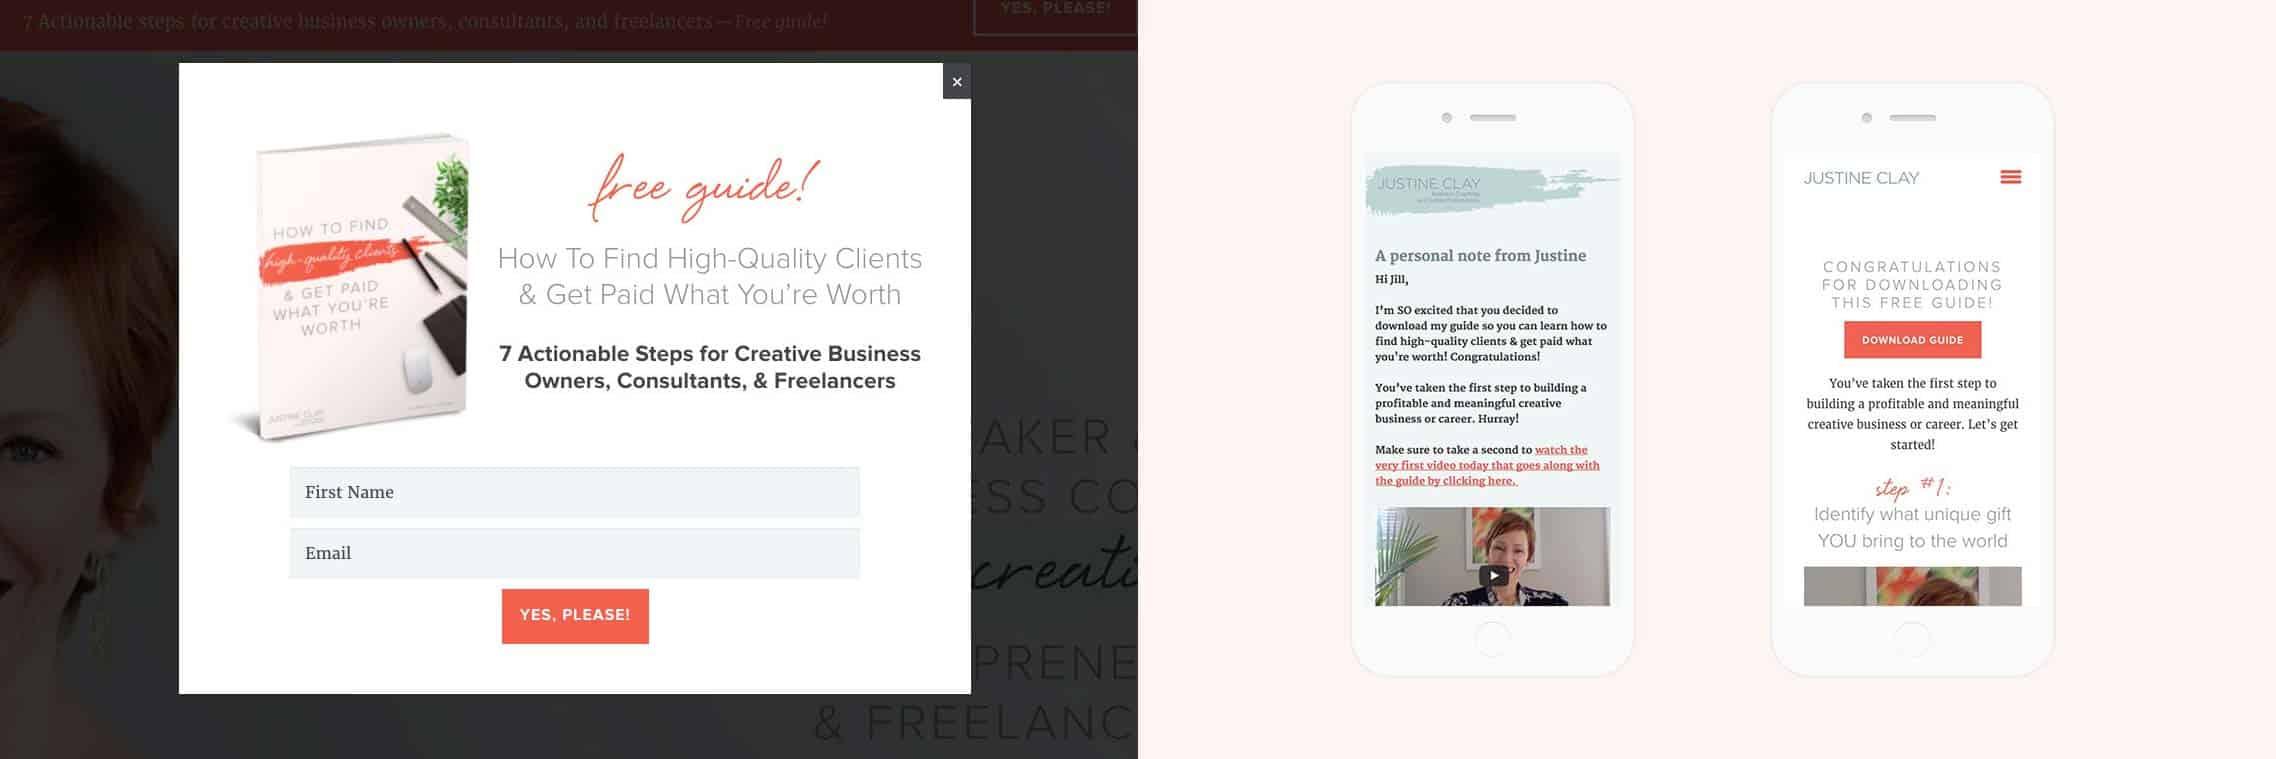 mockups of web design